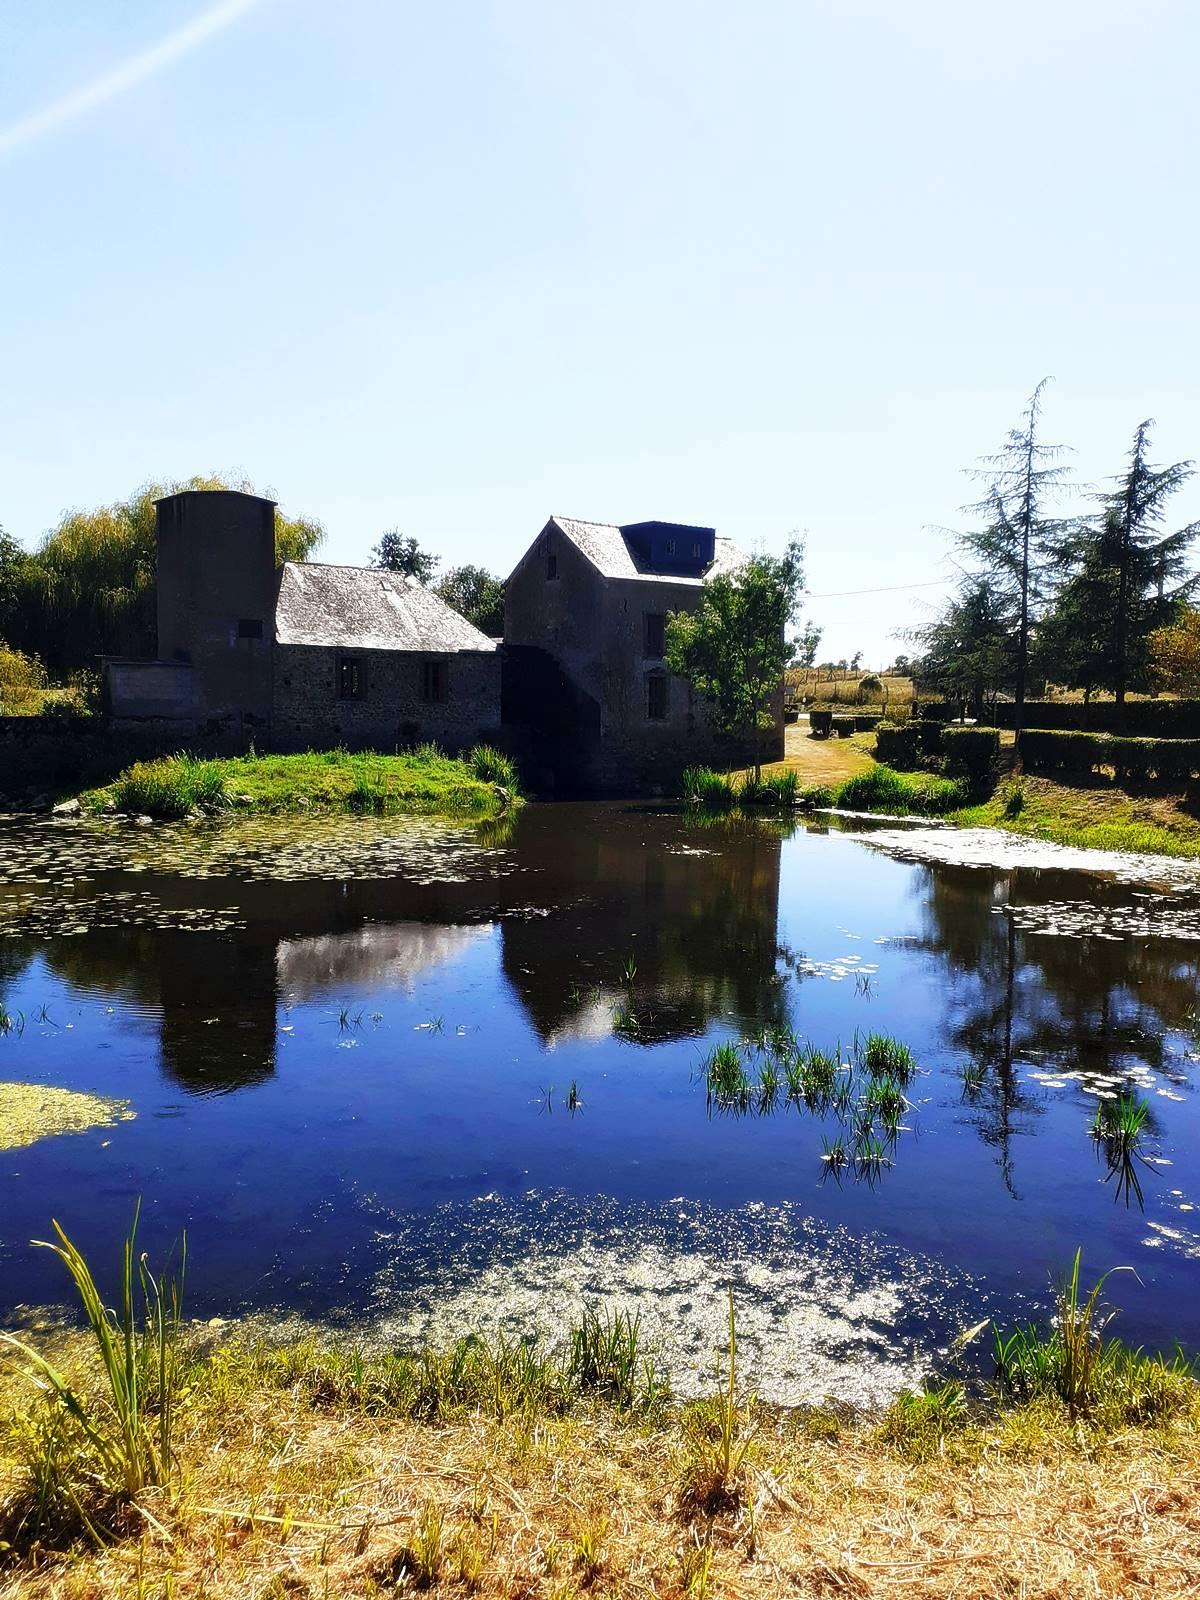 Visite moulin pont godelain20200806 193216